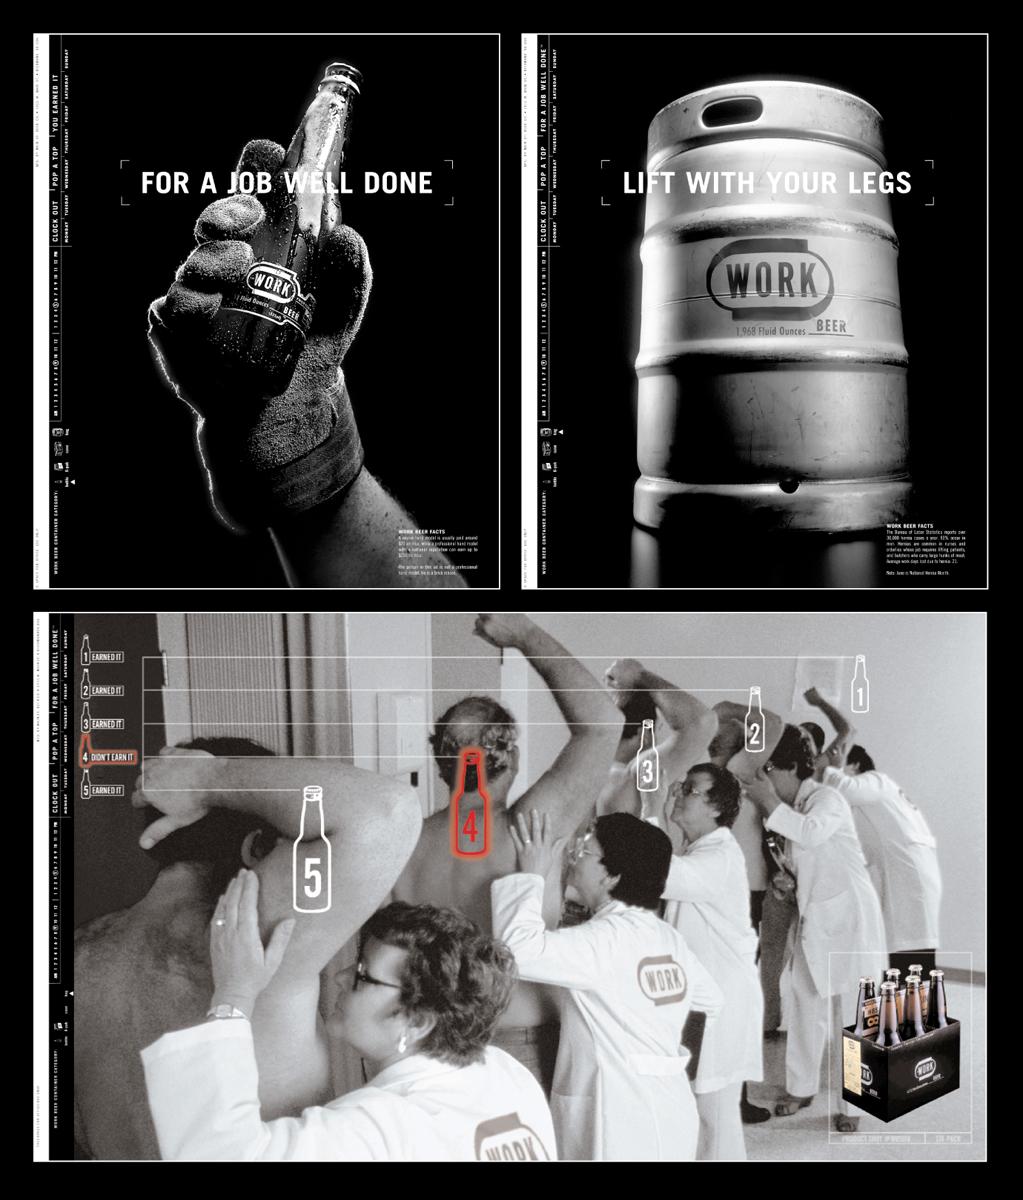 WORK-Beer-Ads3932676951267675469.jpg